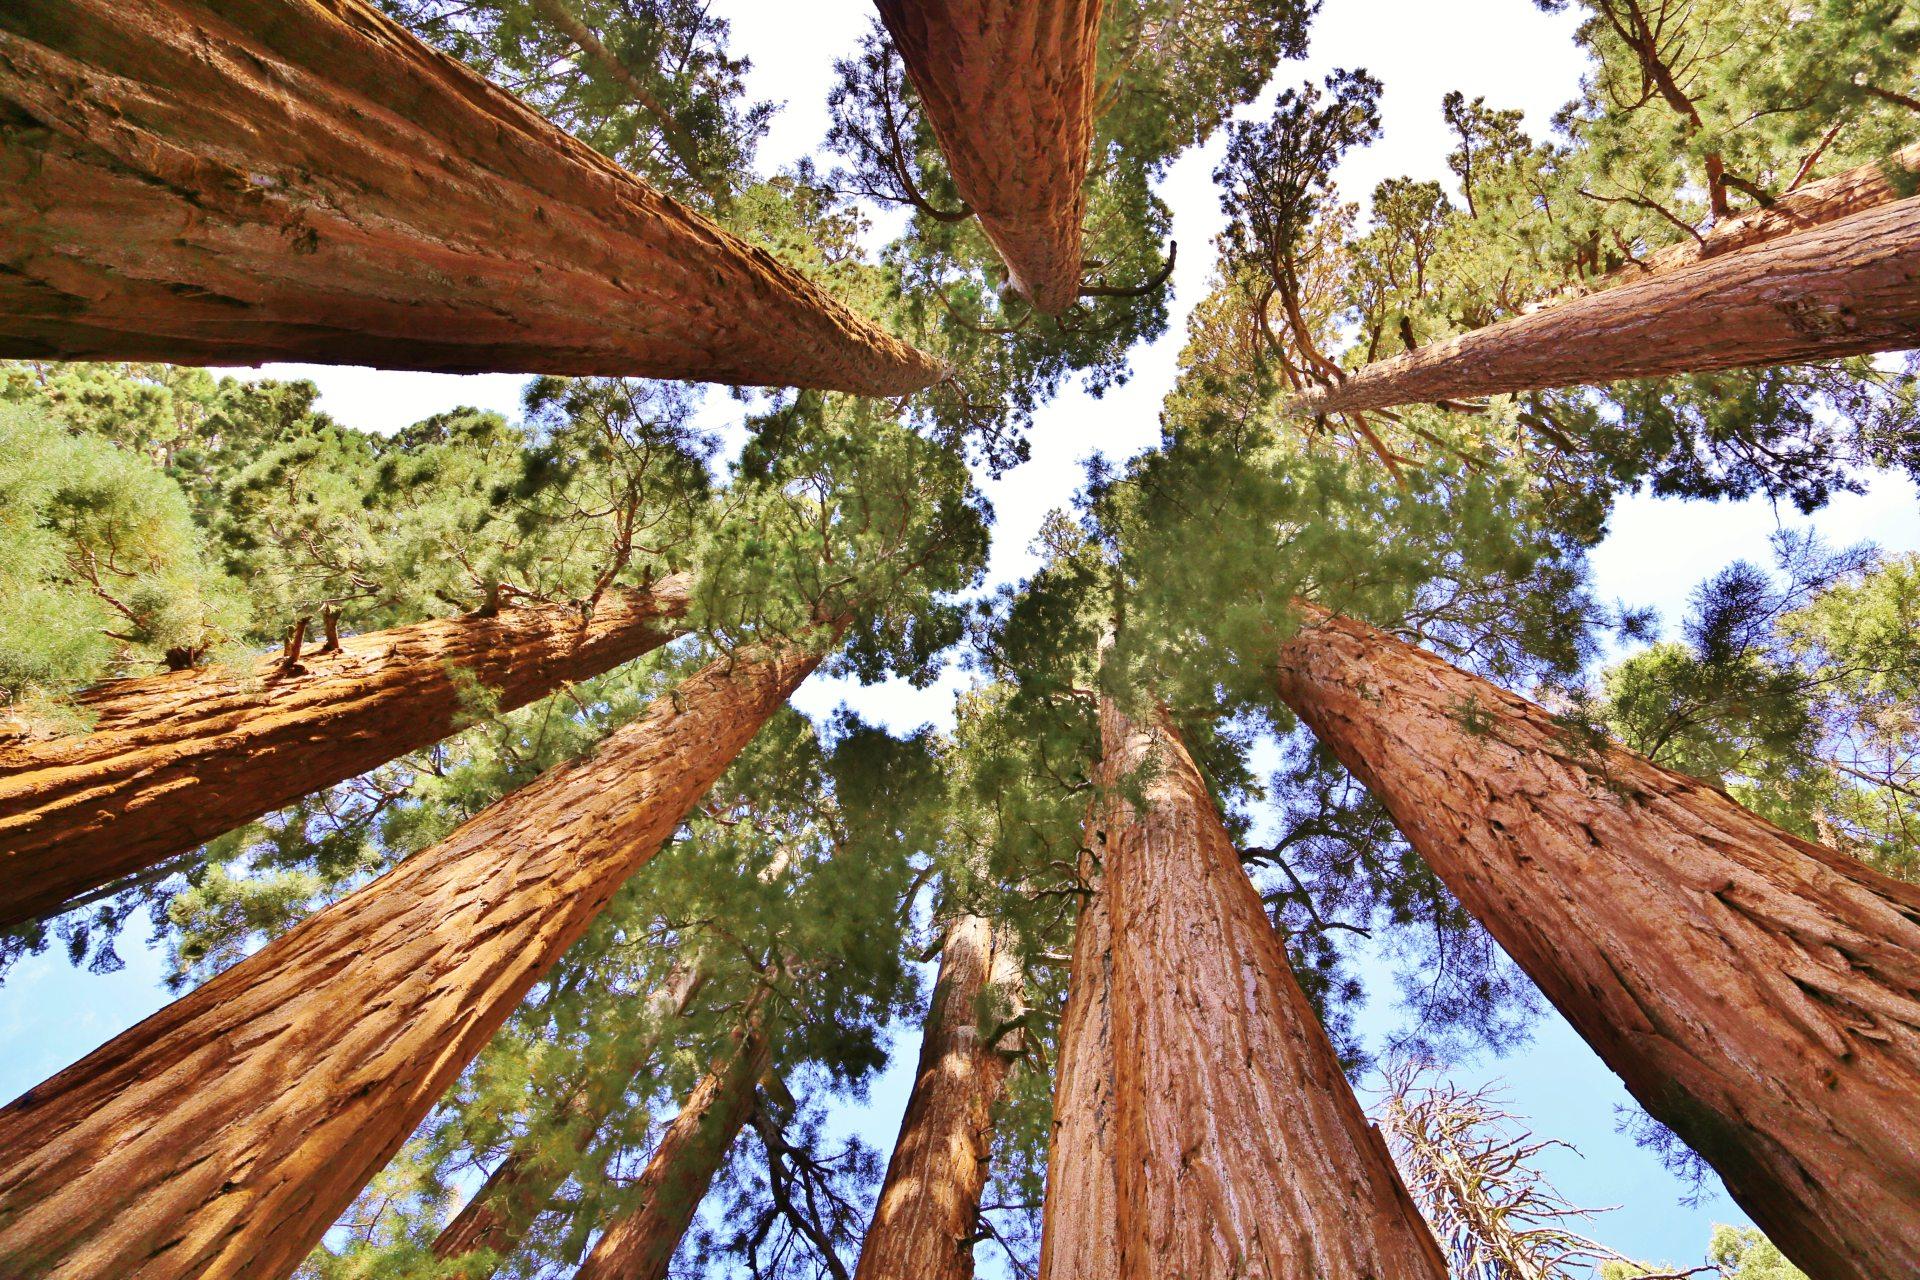 Endlos weit weg erscheinen die Baumkronen im Sequioa Nationalpark - Bäume, Baumstämme, Himmel, hoch, Kalifornien, malerisch, Mammutbäume, Riesenmammutbäume, riesig, Sequoia National Park, traumhaft, überdimensional - (Pinewood, Sequoia National Park, California, Vereinigte Staaten)